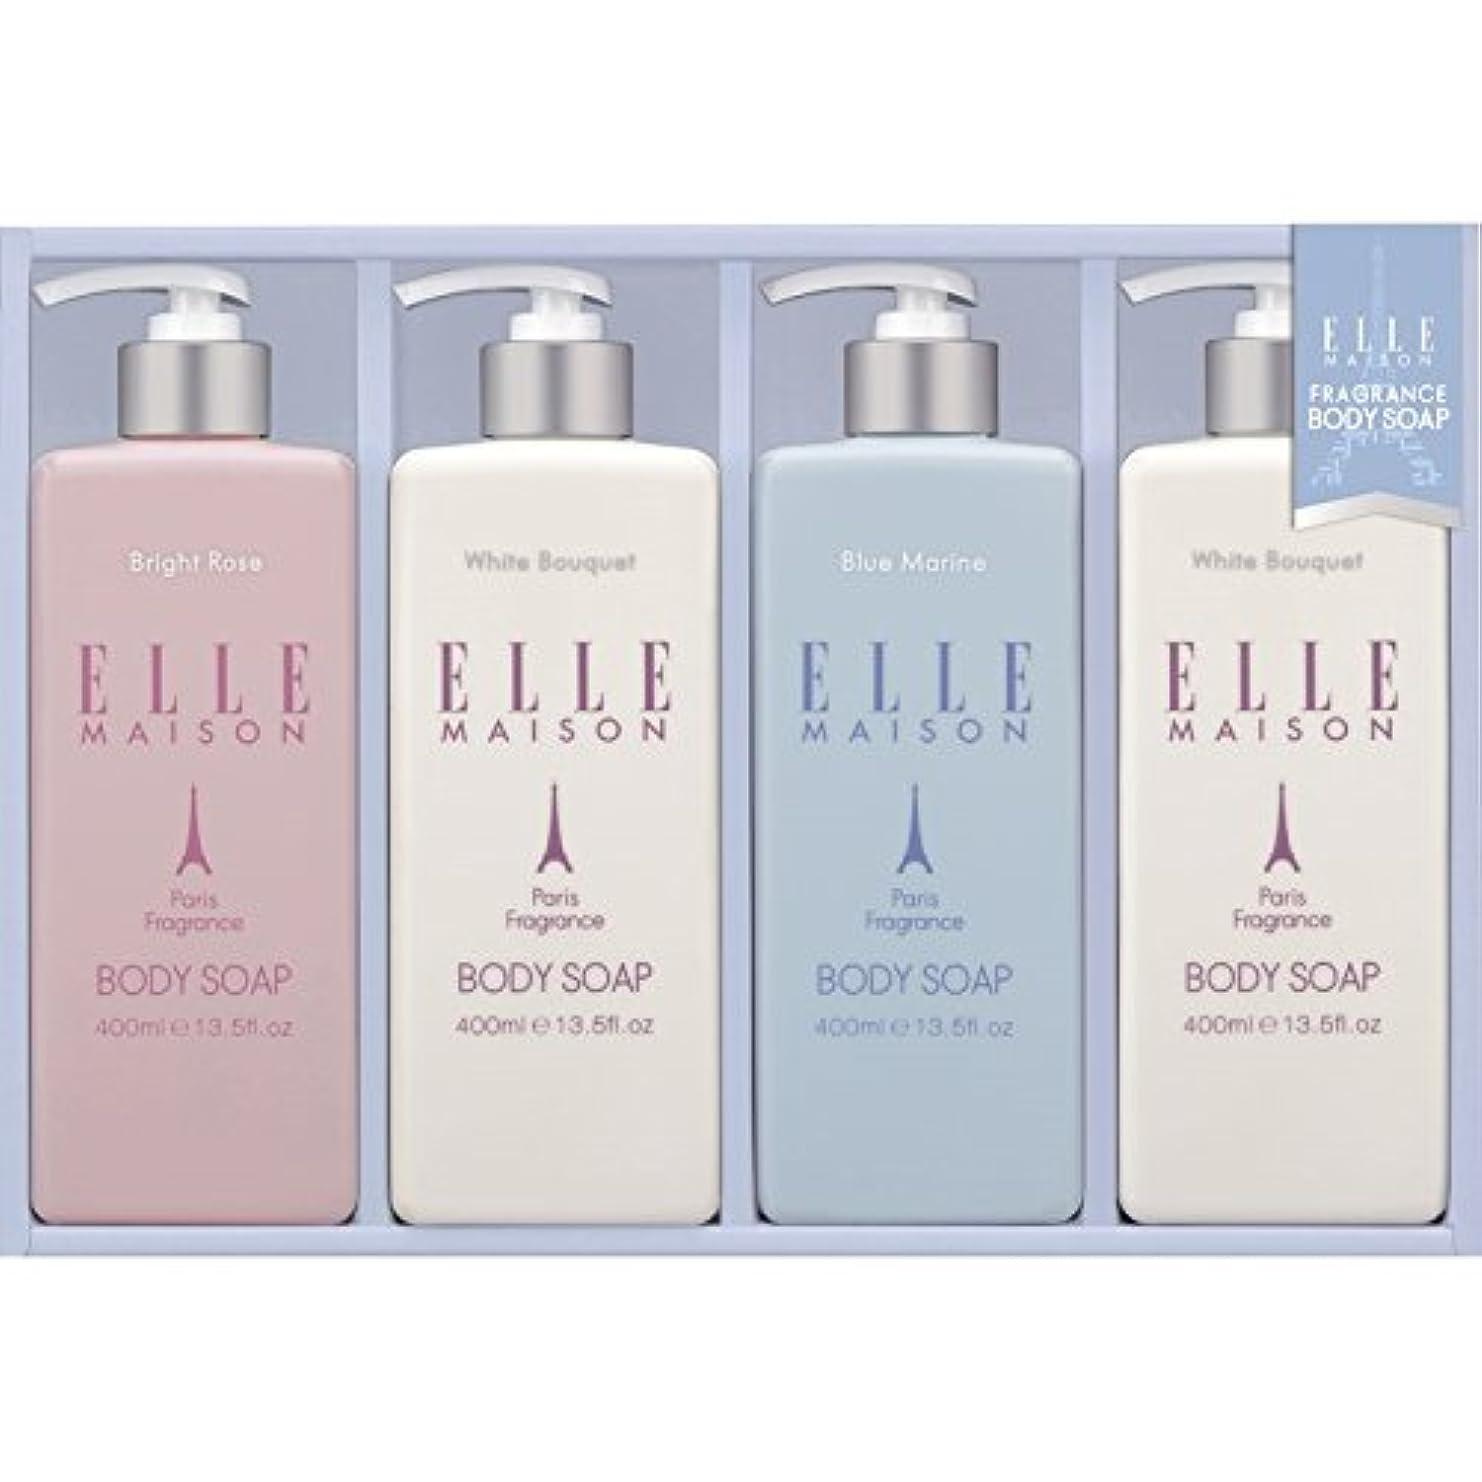 流用する鉛糞ELLE MAISON ボディソープギフト EBS-20 【保湿 いい匂い うるおい 液体 しっとり 良い香り やさしい 女性 贅沢 全身 美肌 詰め合わせ お風呂 バスタイム 洗う 美容】